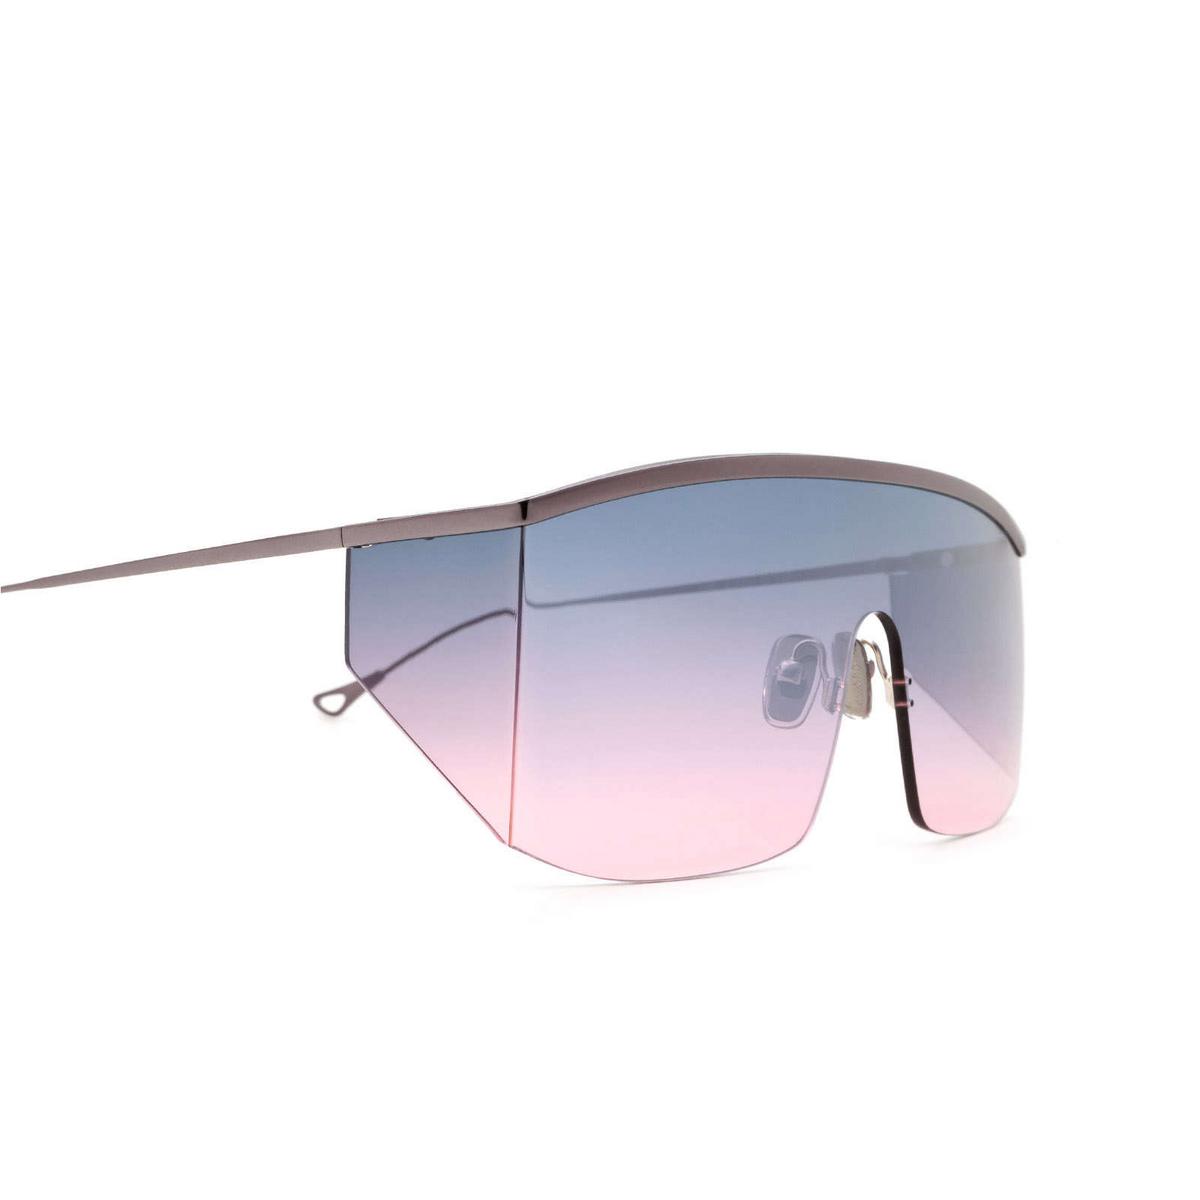 eyepetizer-karl-c3-20f (2)